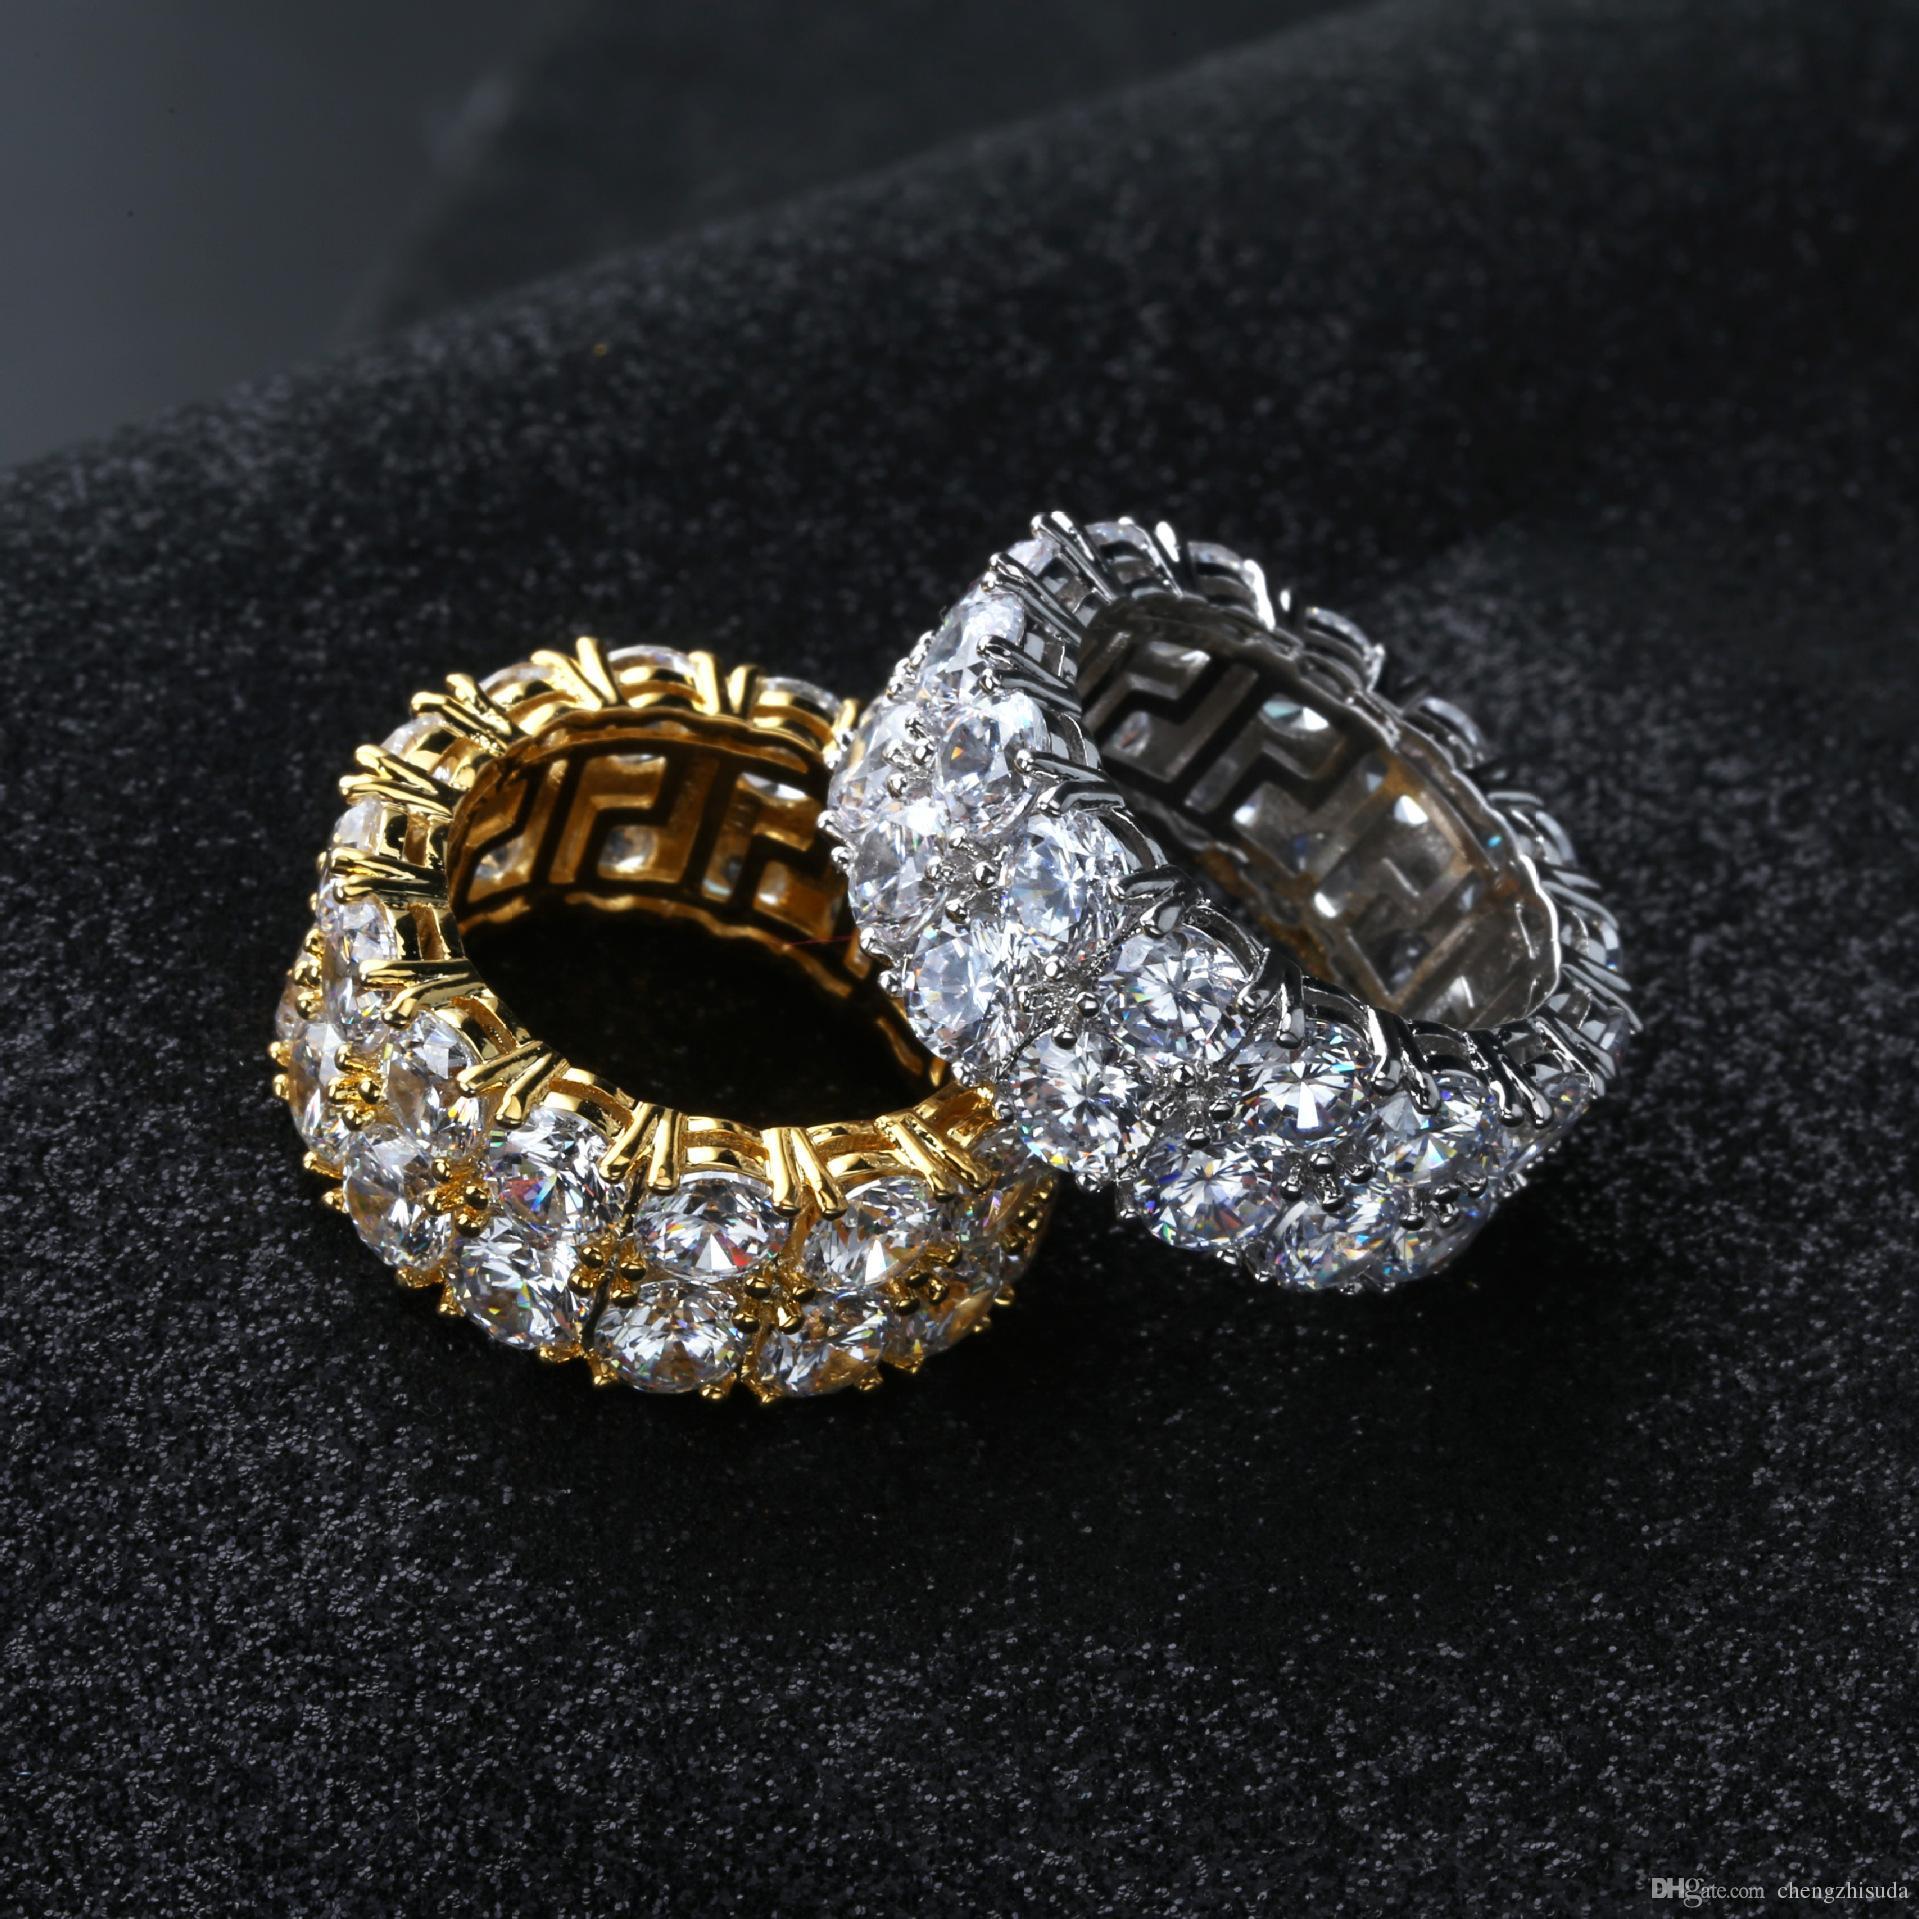 Größe 7-12 Gold Silber Micro gepflastert zwei Reihen Runde Solitaire Zirkon Ring Hip Hop Fingerring für Männer Frauen